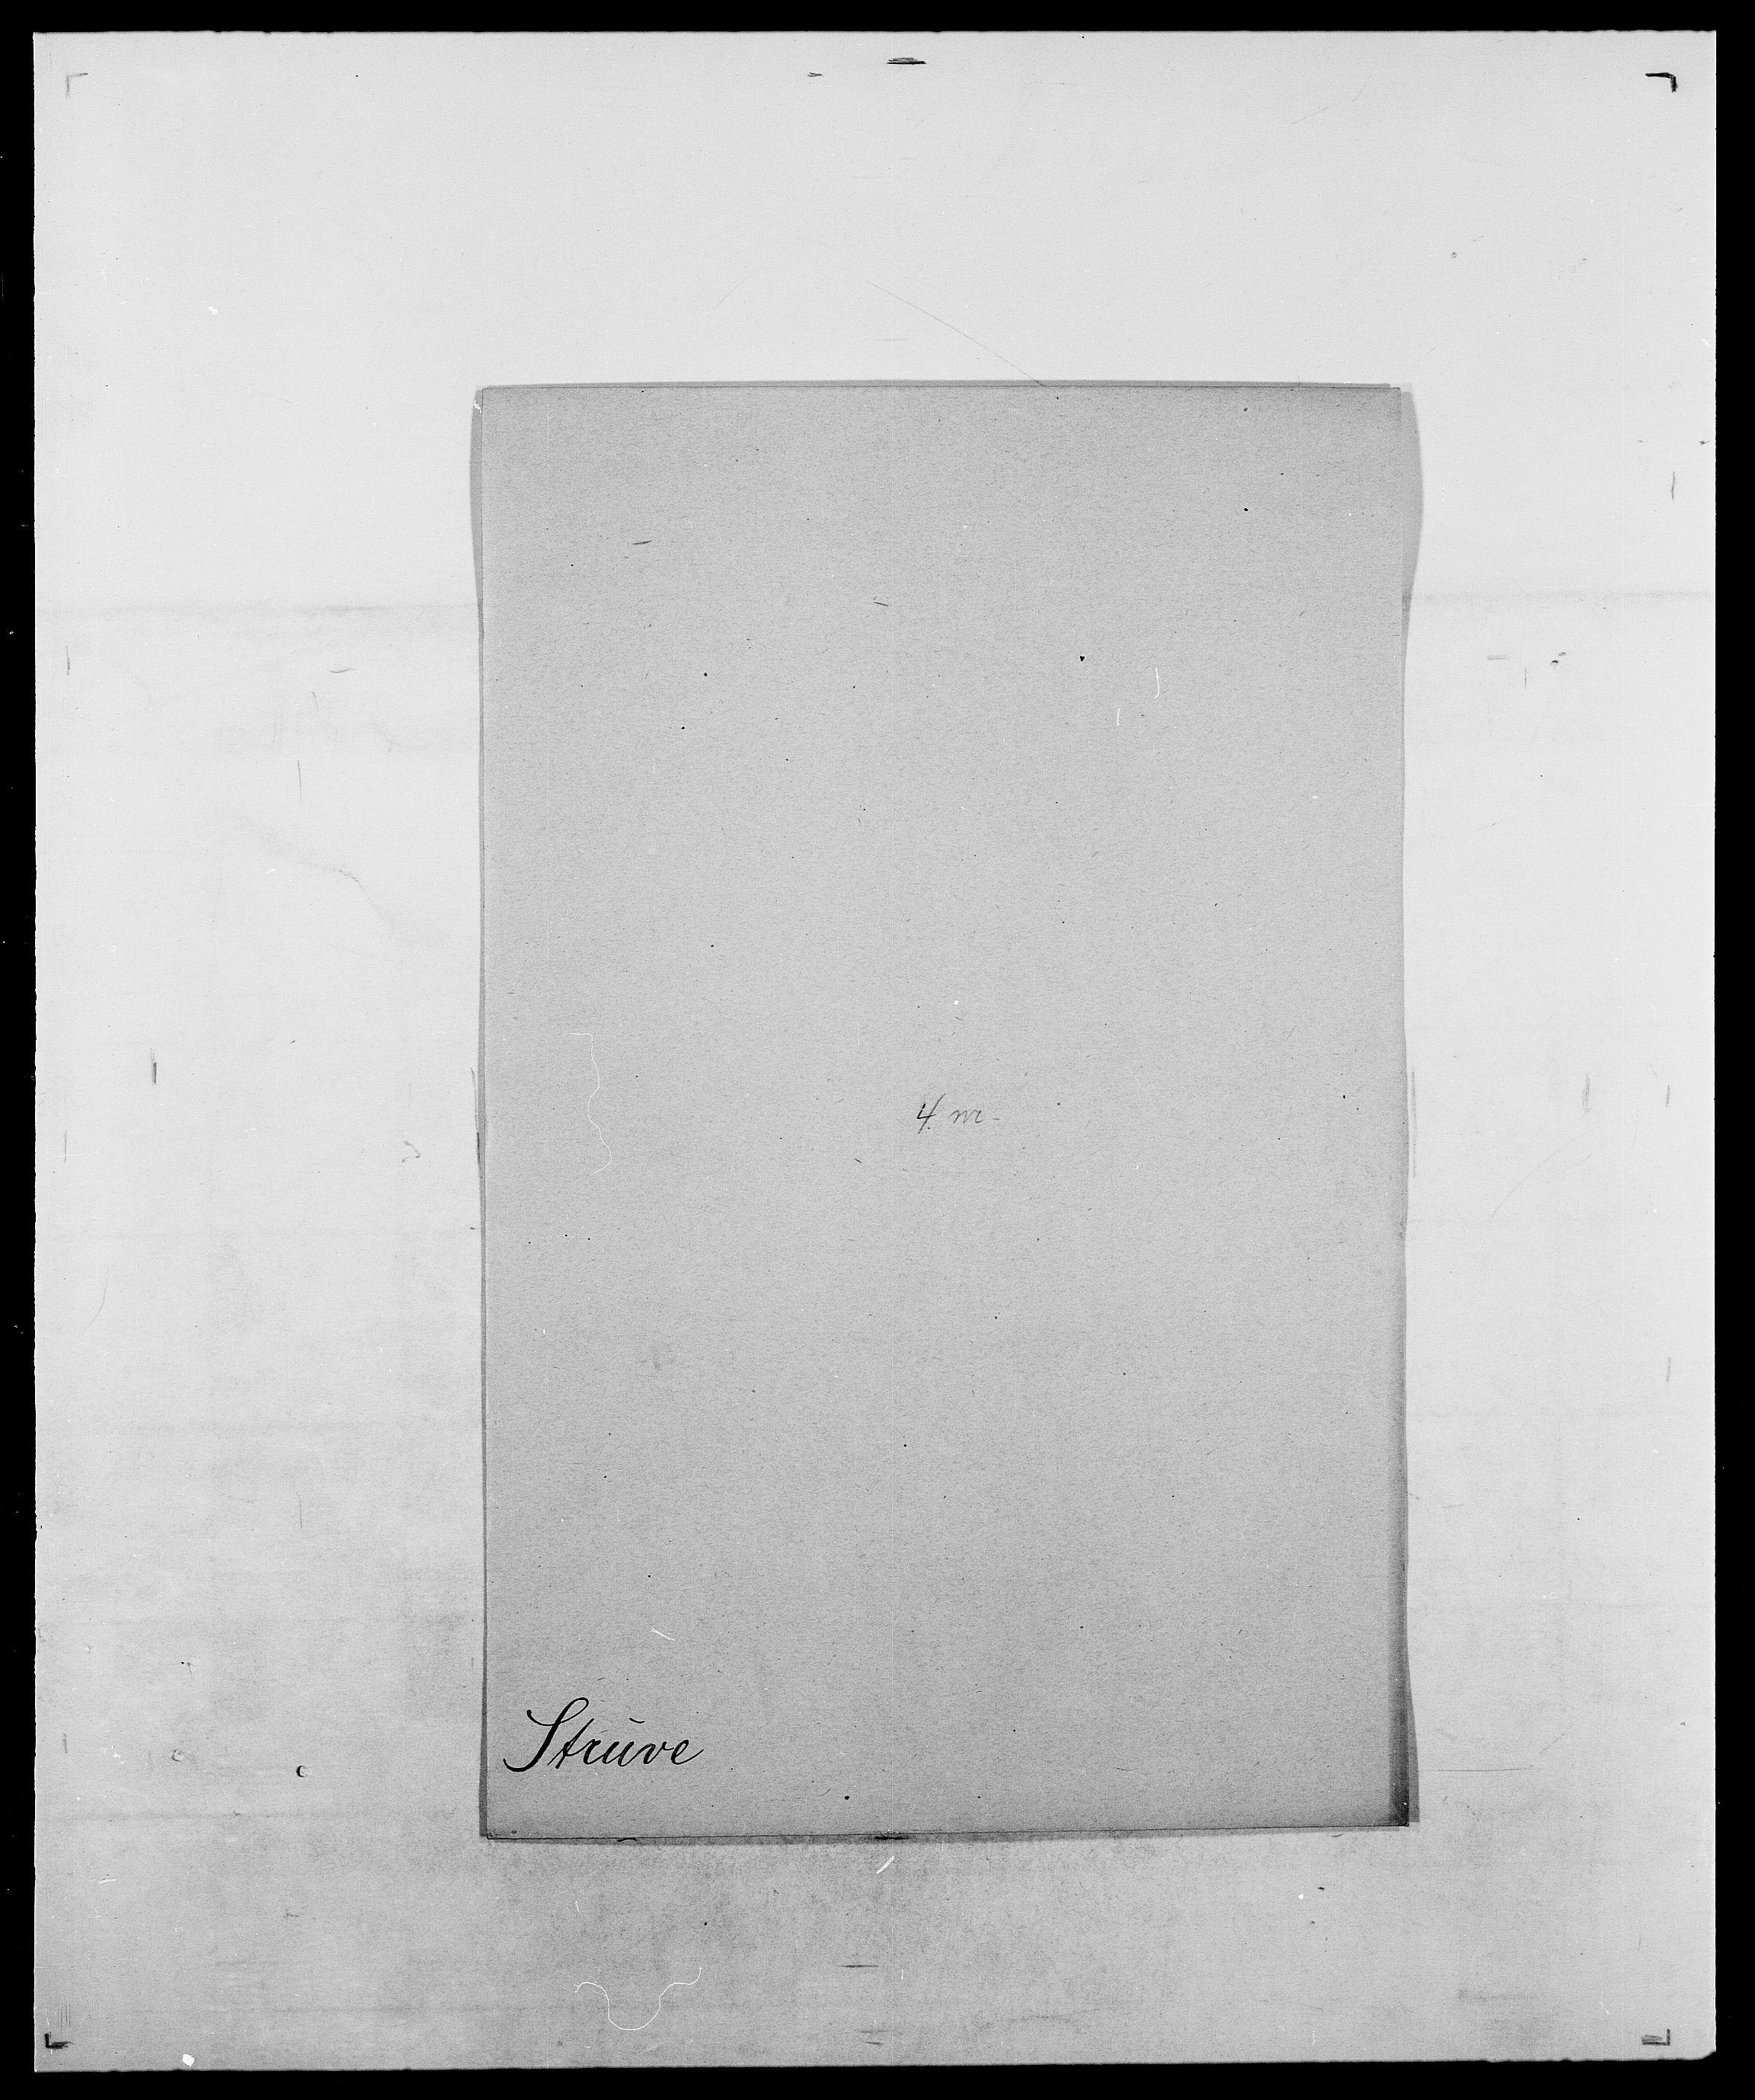 SAO, Delgobe, Charles Antoine - samling, D/Da/L0037: Steen, Sthen, Stein - Svare, Svanige, Svanne, se også Svanning og Schwane, s. 627